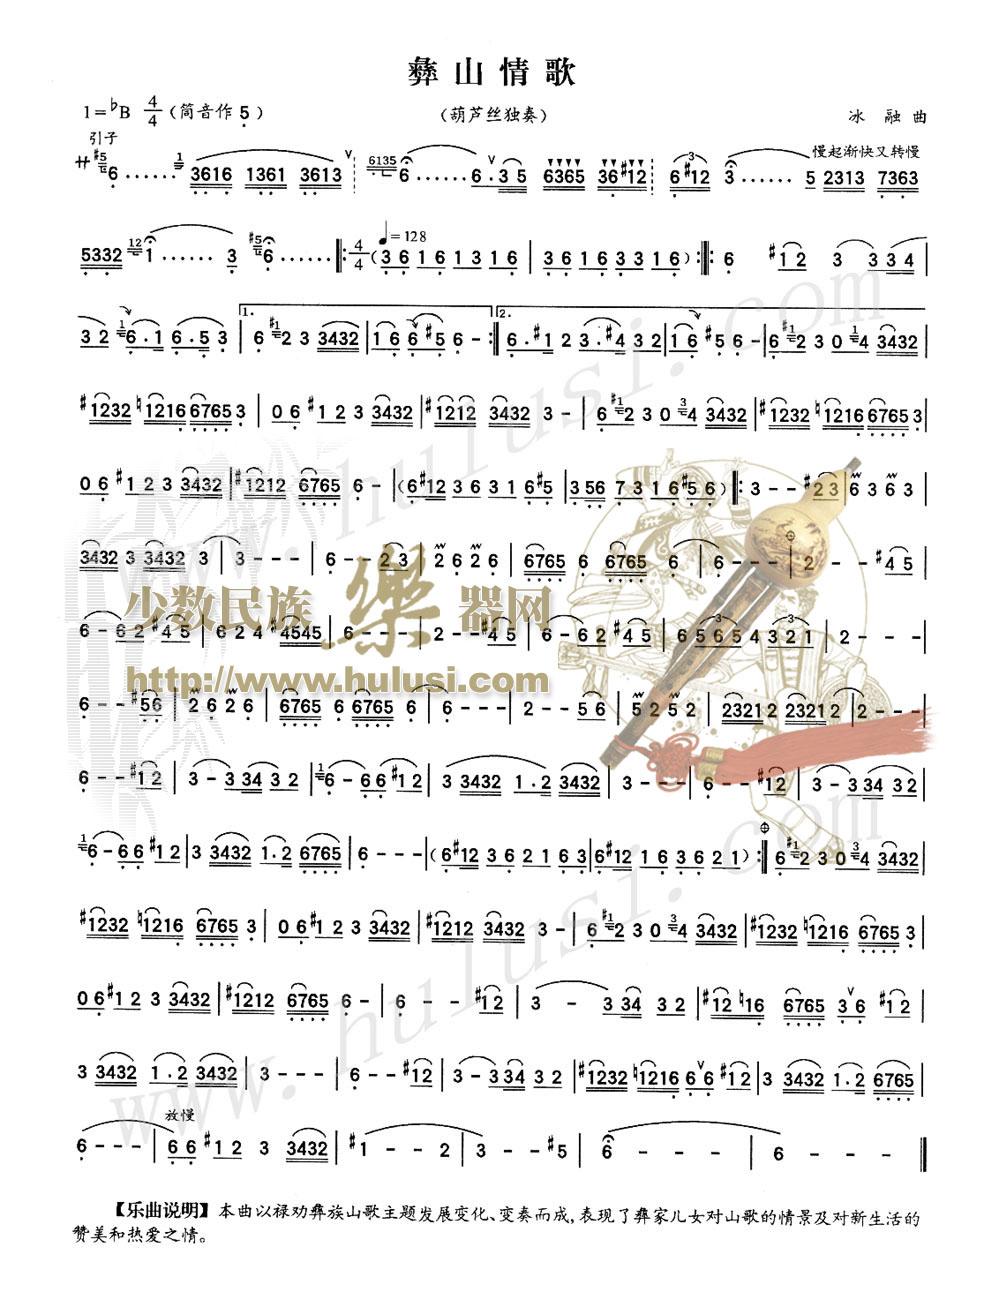 【【葫芦丝曲谱●下载 】】 03 彝族情歌  张笑编著《葫芦丝巴乌进